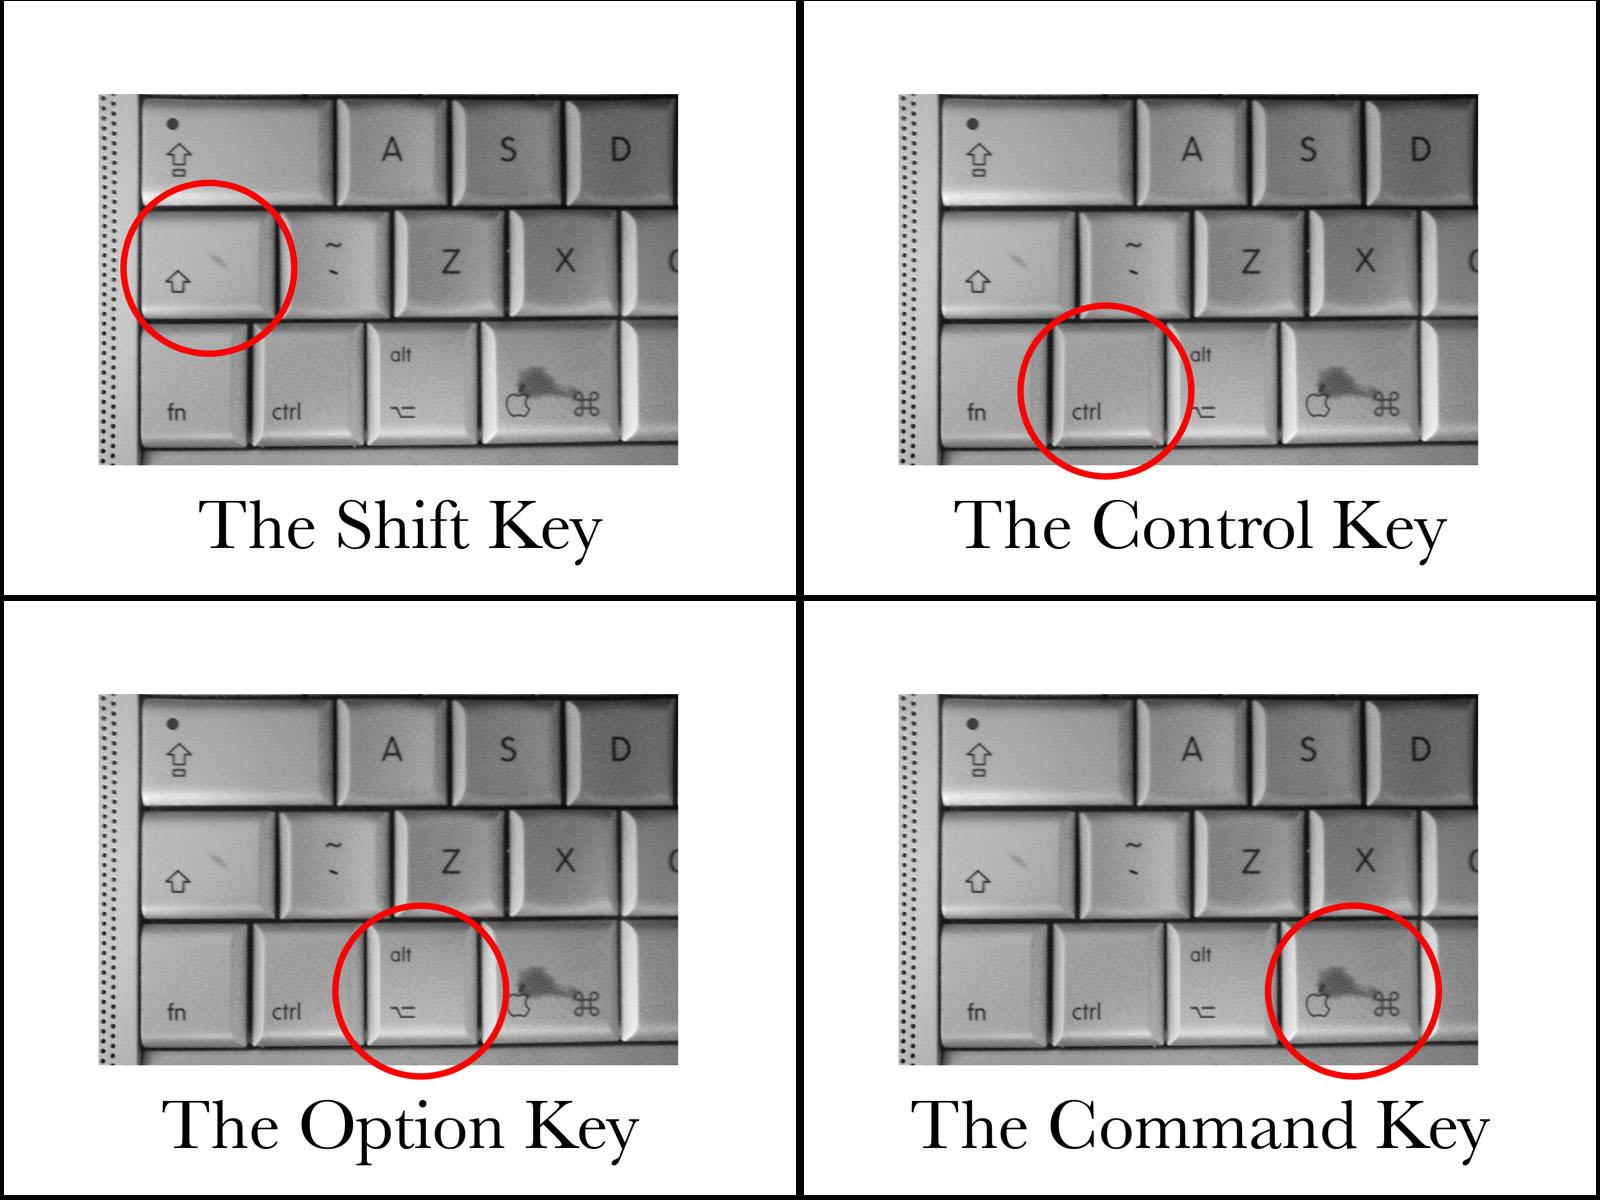 Клавиша Опцион